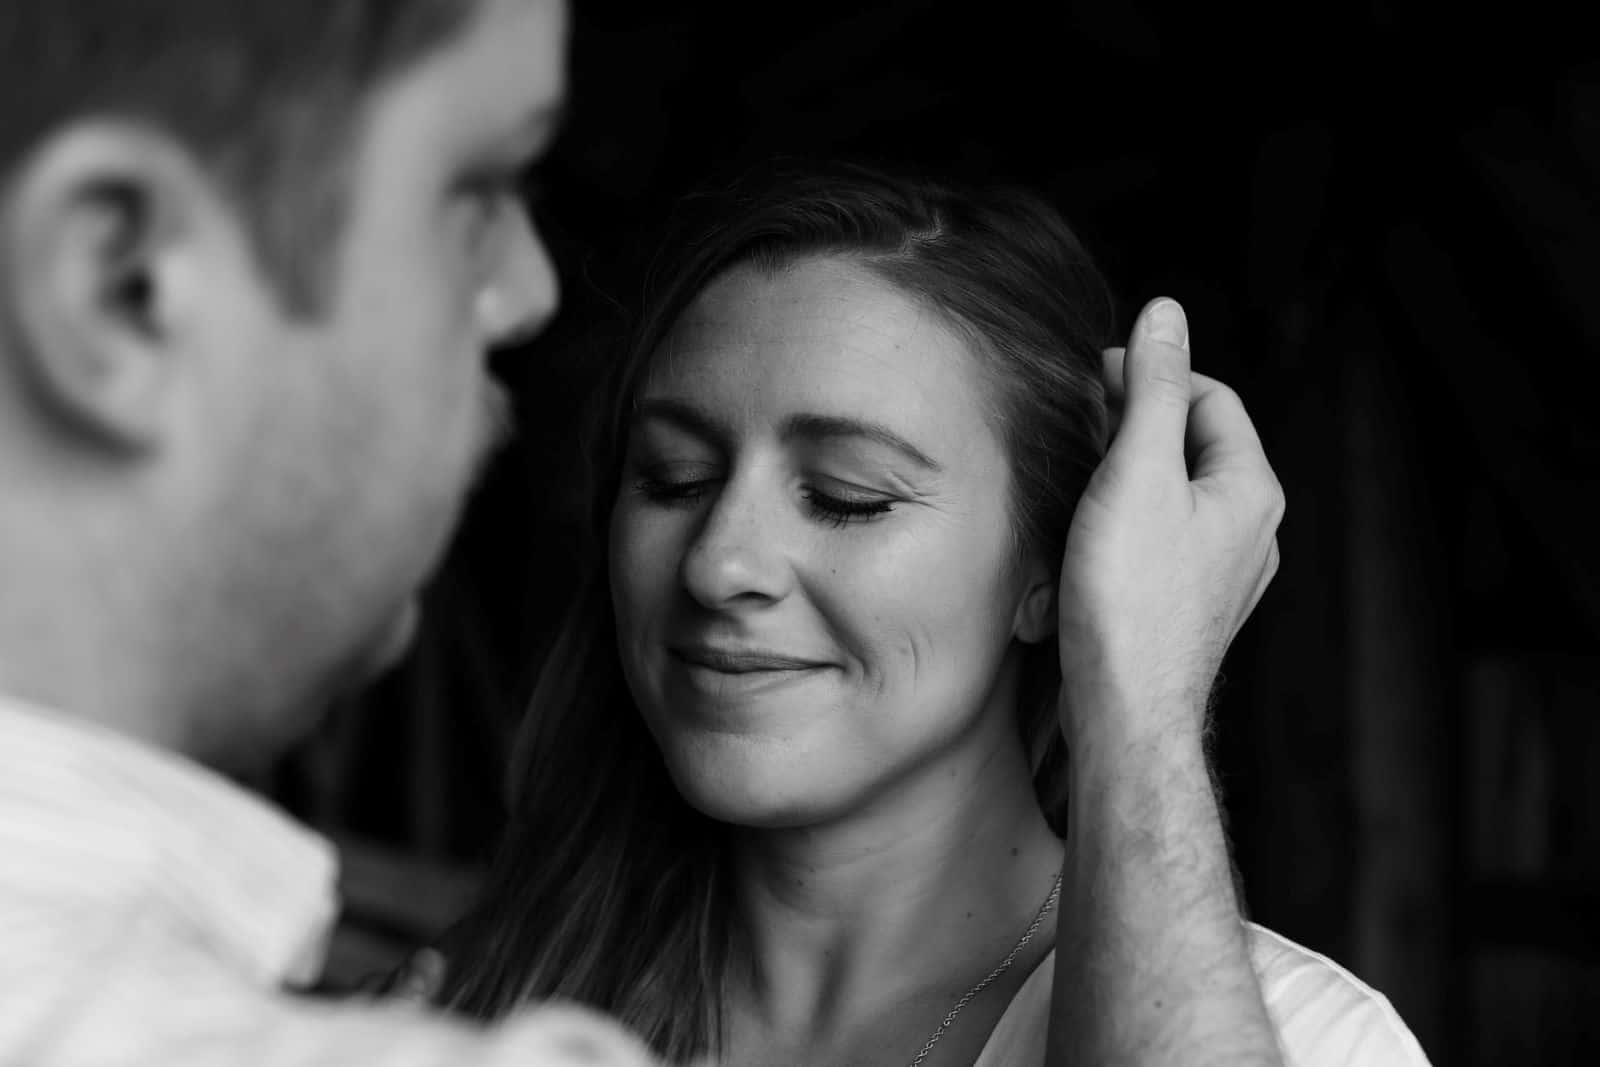 Mann berührt die Haare einer Frau